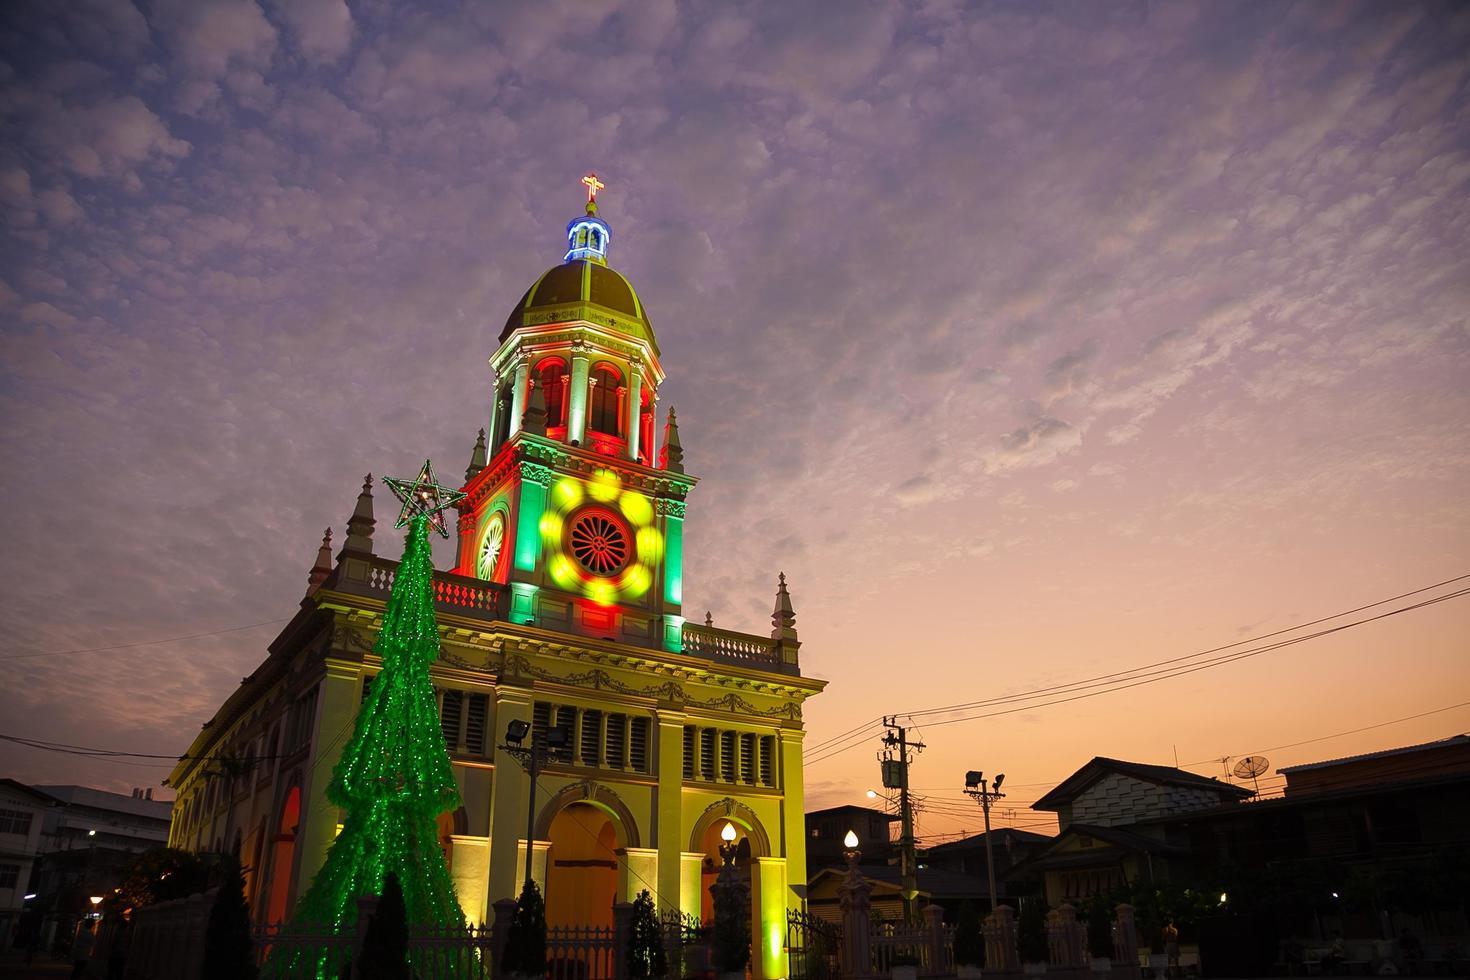 chiesa di cristo con decorazioni natalizie foto